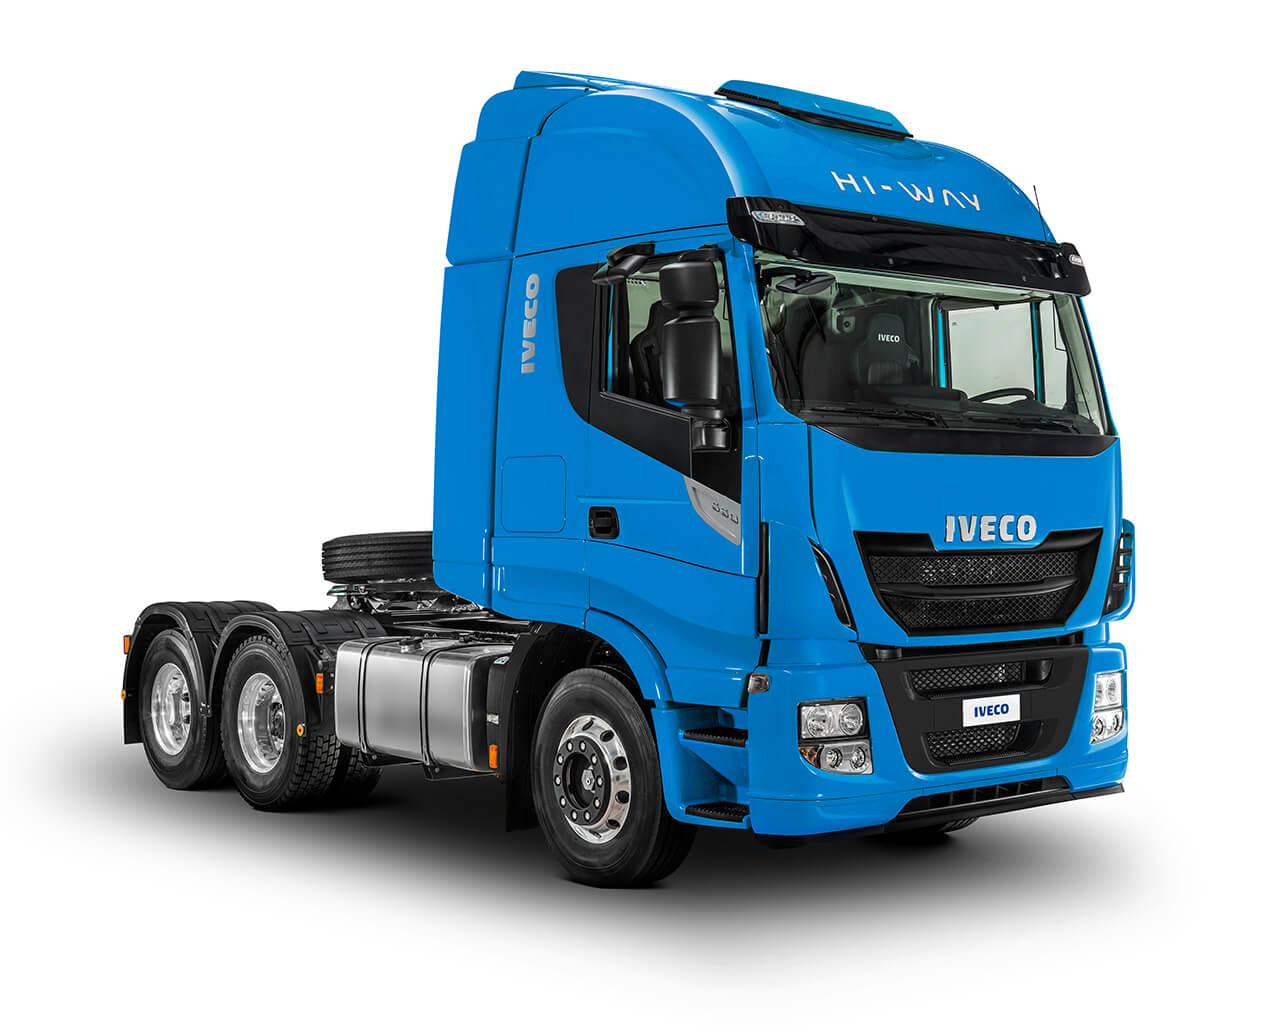 Caminhão Iveco Hi-Way